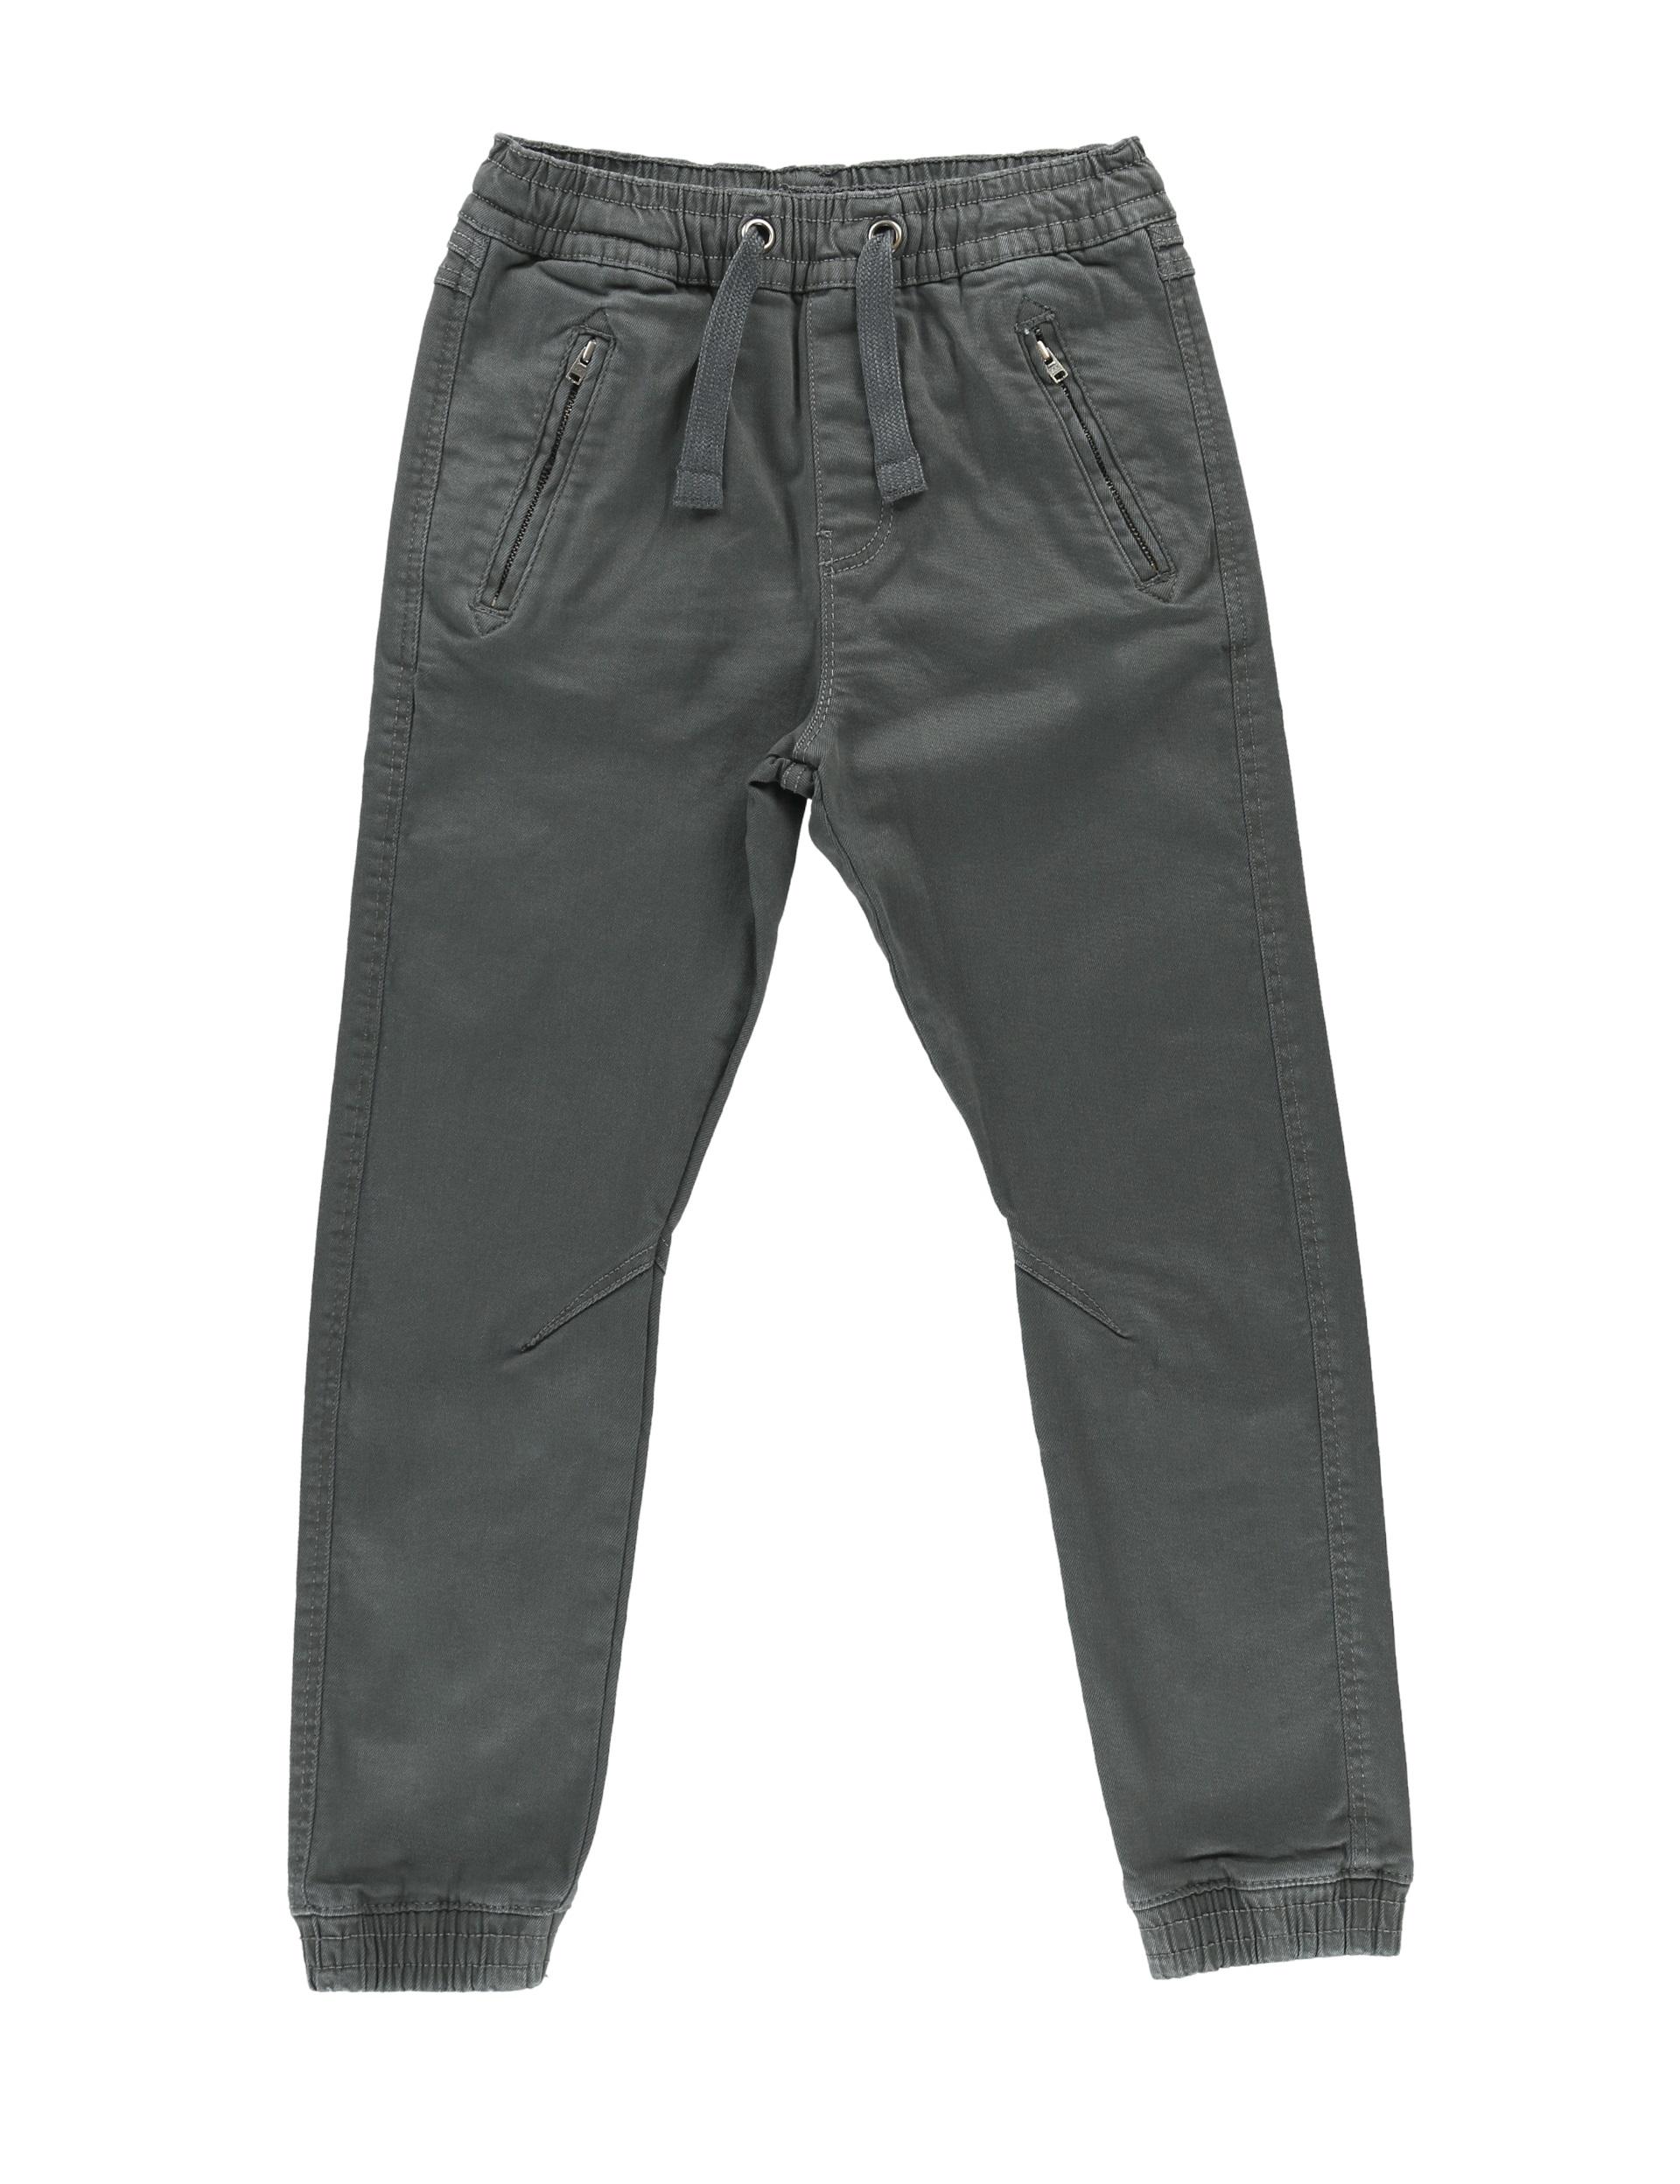 MS Kidswear SS17 3